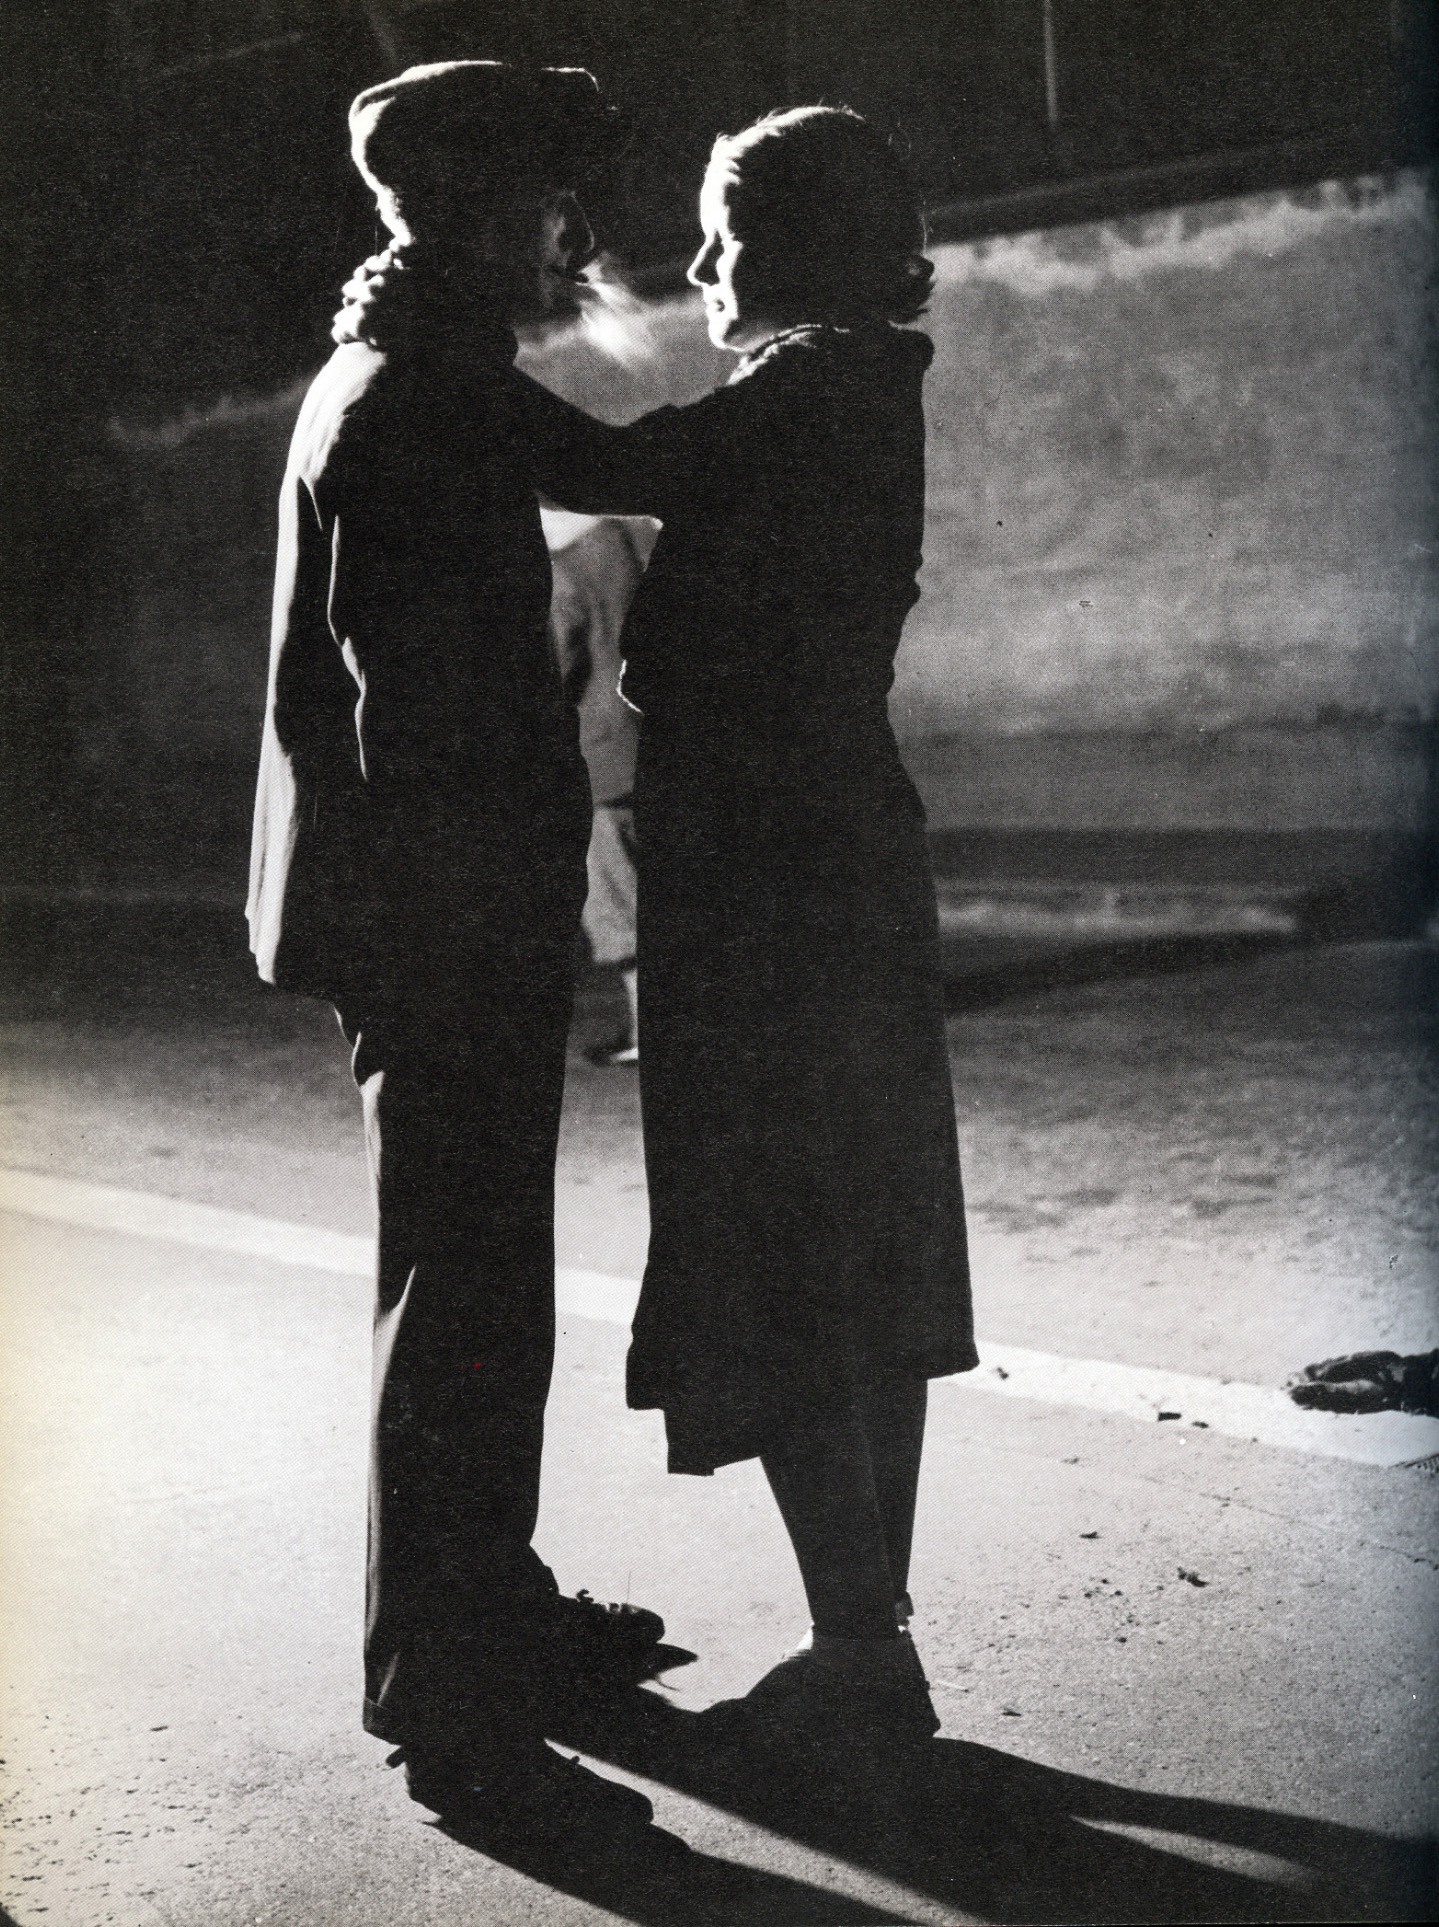 Brassaï, Paris At Night 1930's